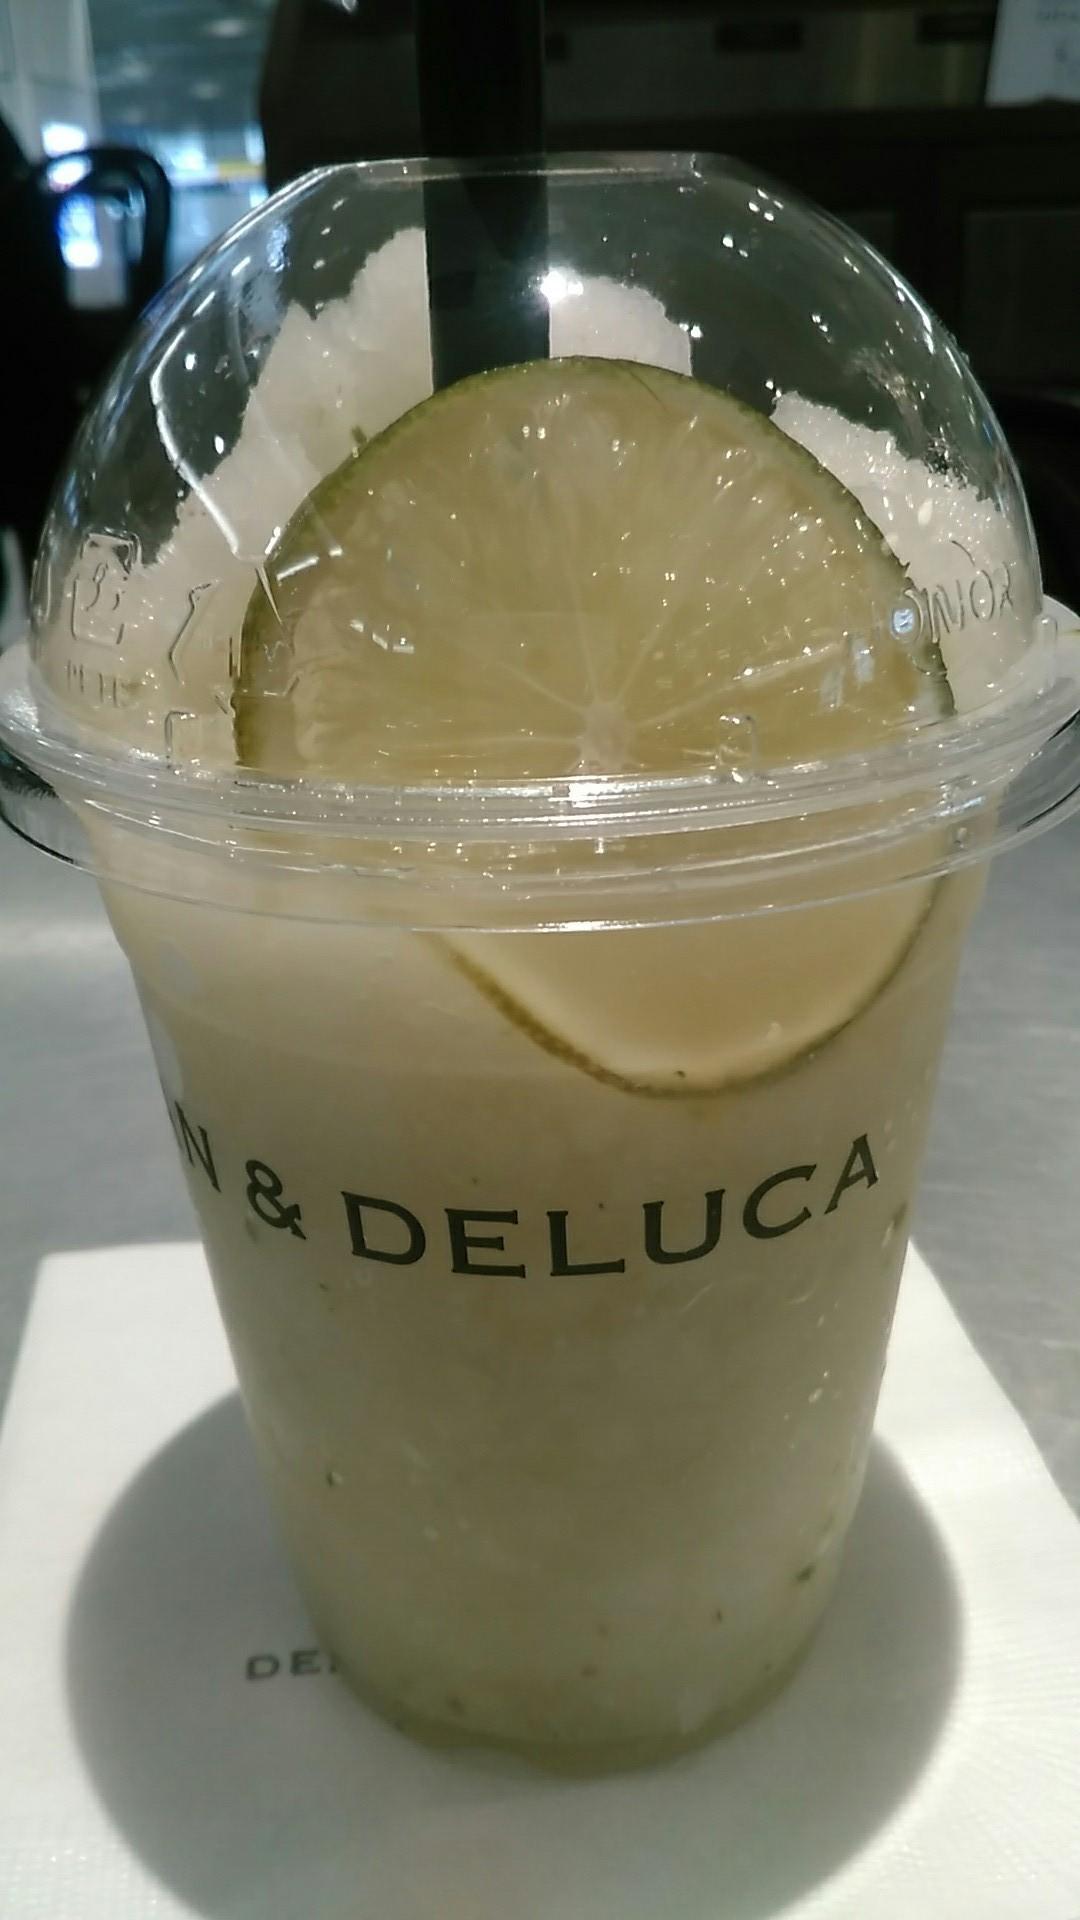 DEAN & DELUCA CAFE(ディーン&デルーカ カフェ NEWoMan) 『レモンライムフラッペ』_a0326295_21155277.jpg